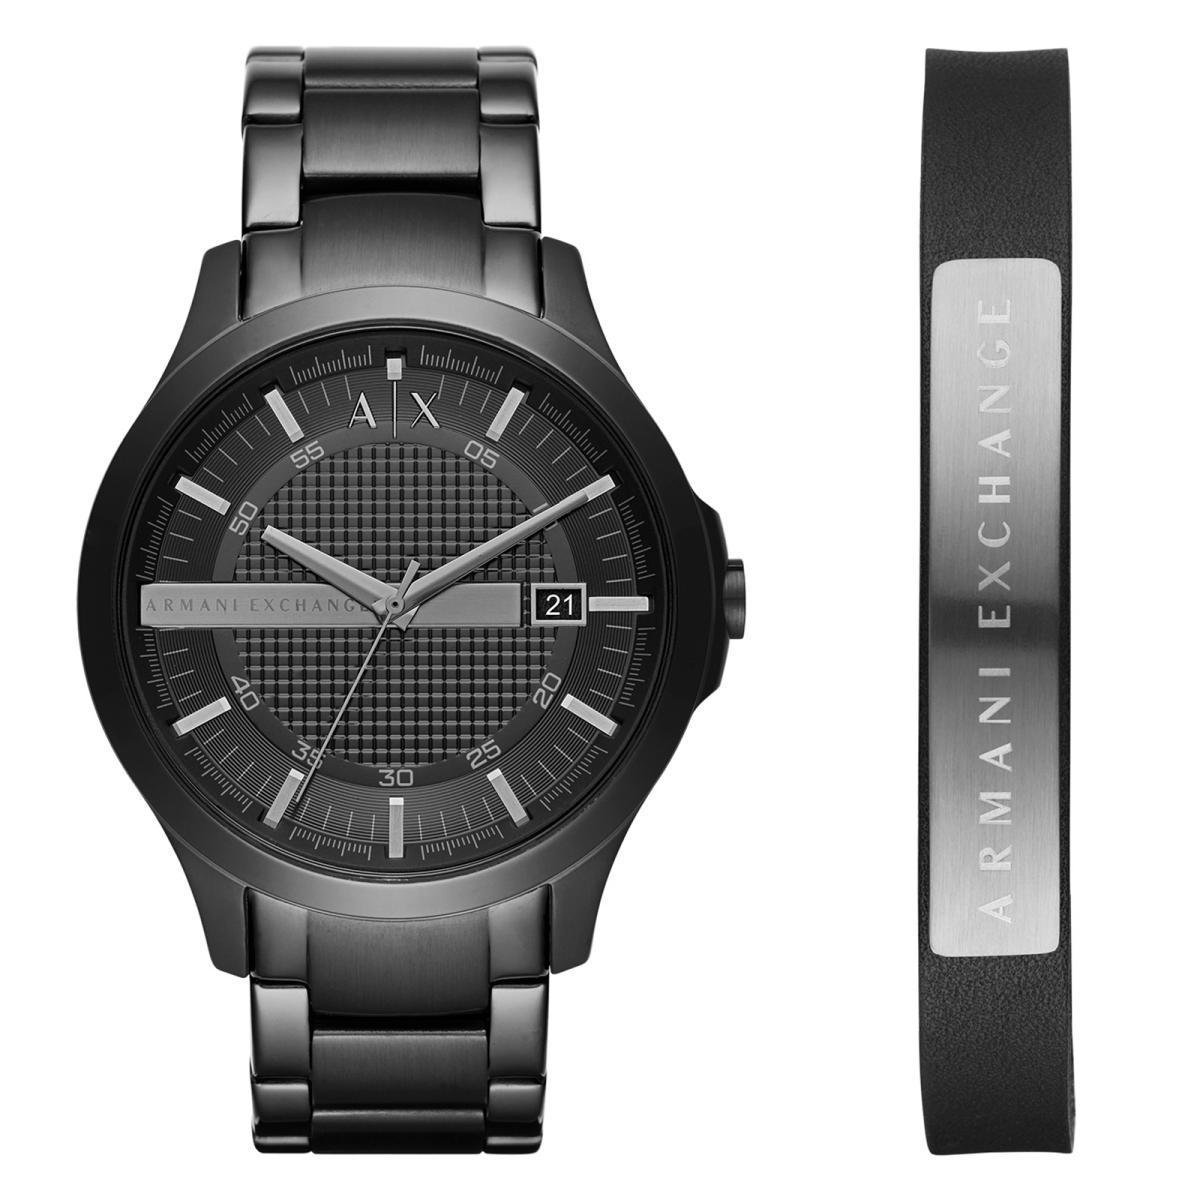 52066e884231 Reloj Armani Exchange - AX7101 - Hombre - Time Square